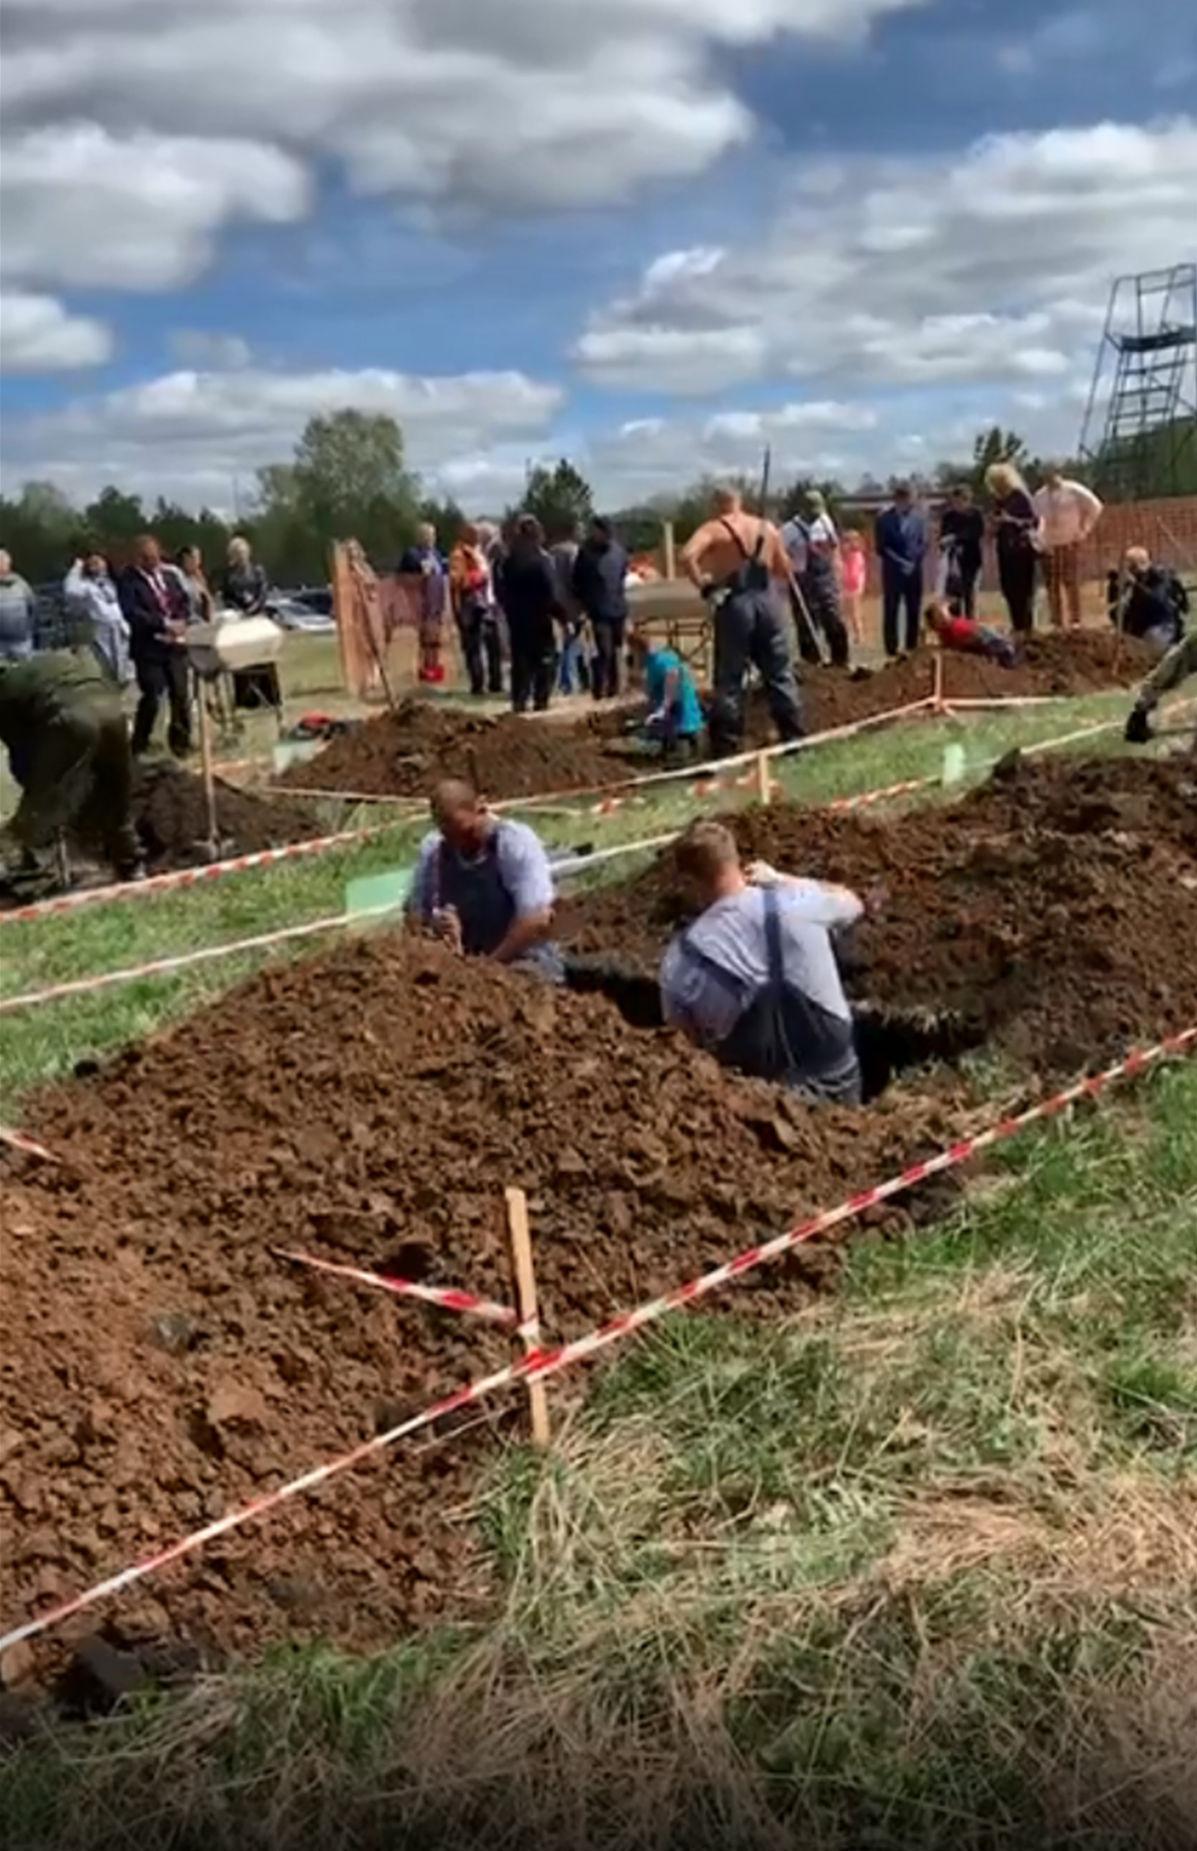 俄罗斯举办挖坟竞速赛:坟坑要深过1米6 还需整洁(图)